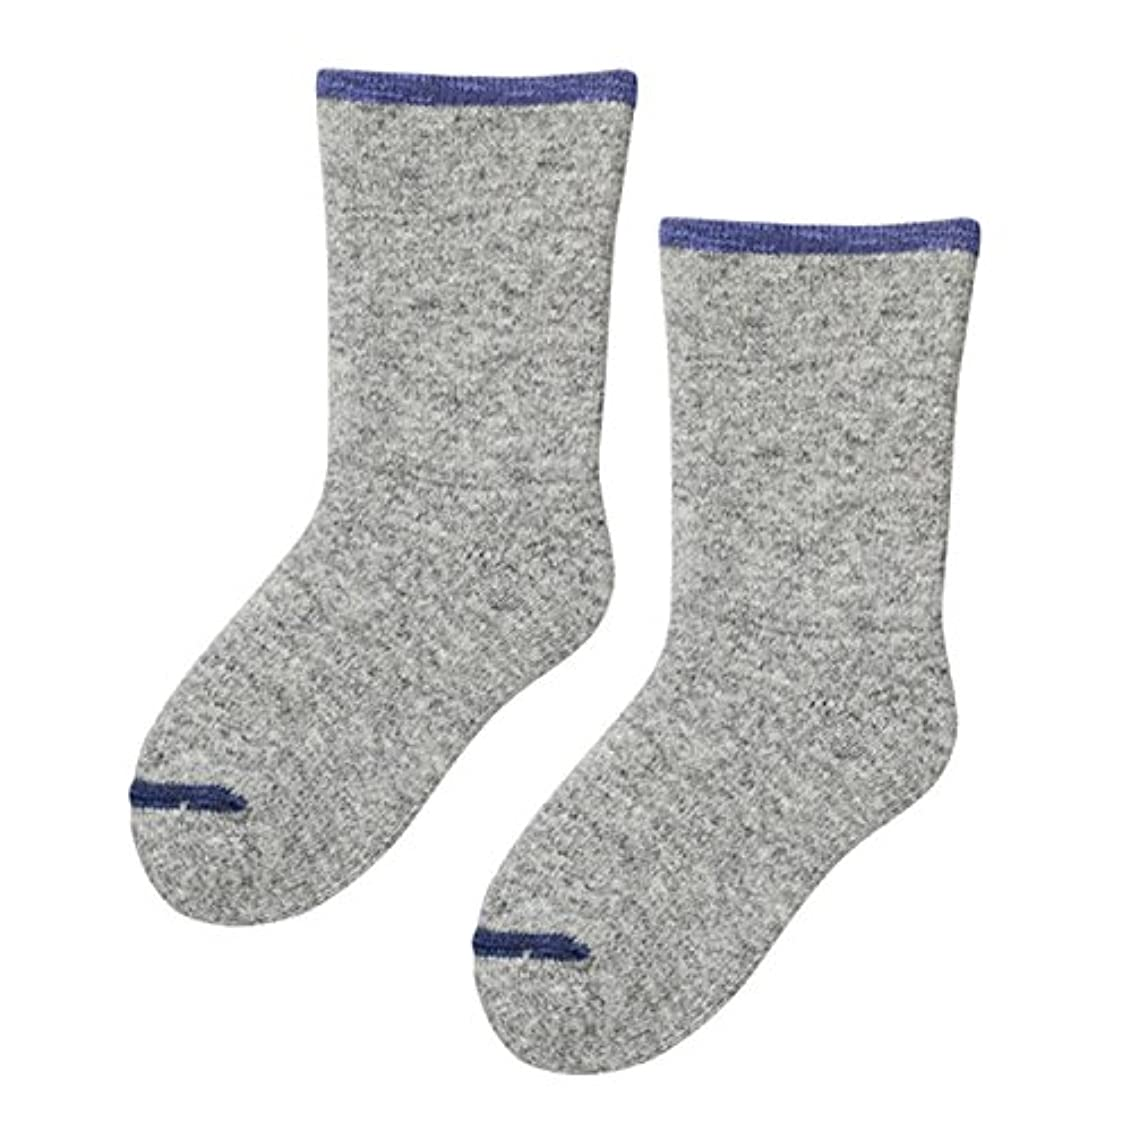 ライターピカソそれに応じて砂山靴下 Carelance(ケアランス) お風呂上りの靴下 二重編み 8590CA-05 グレー